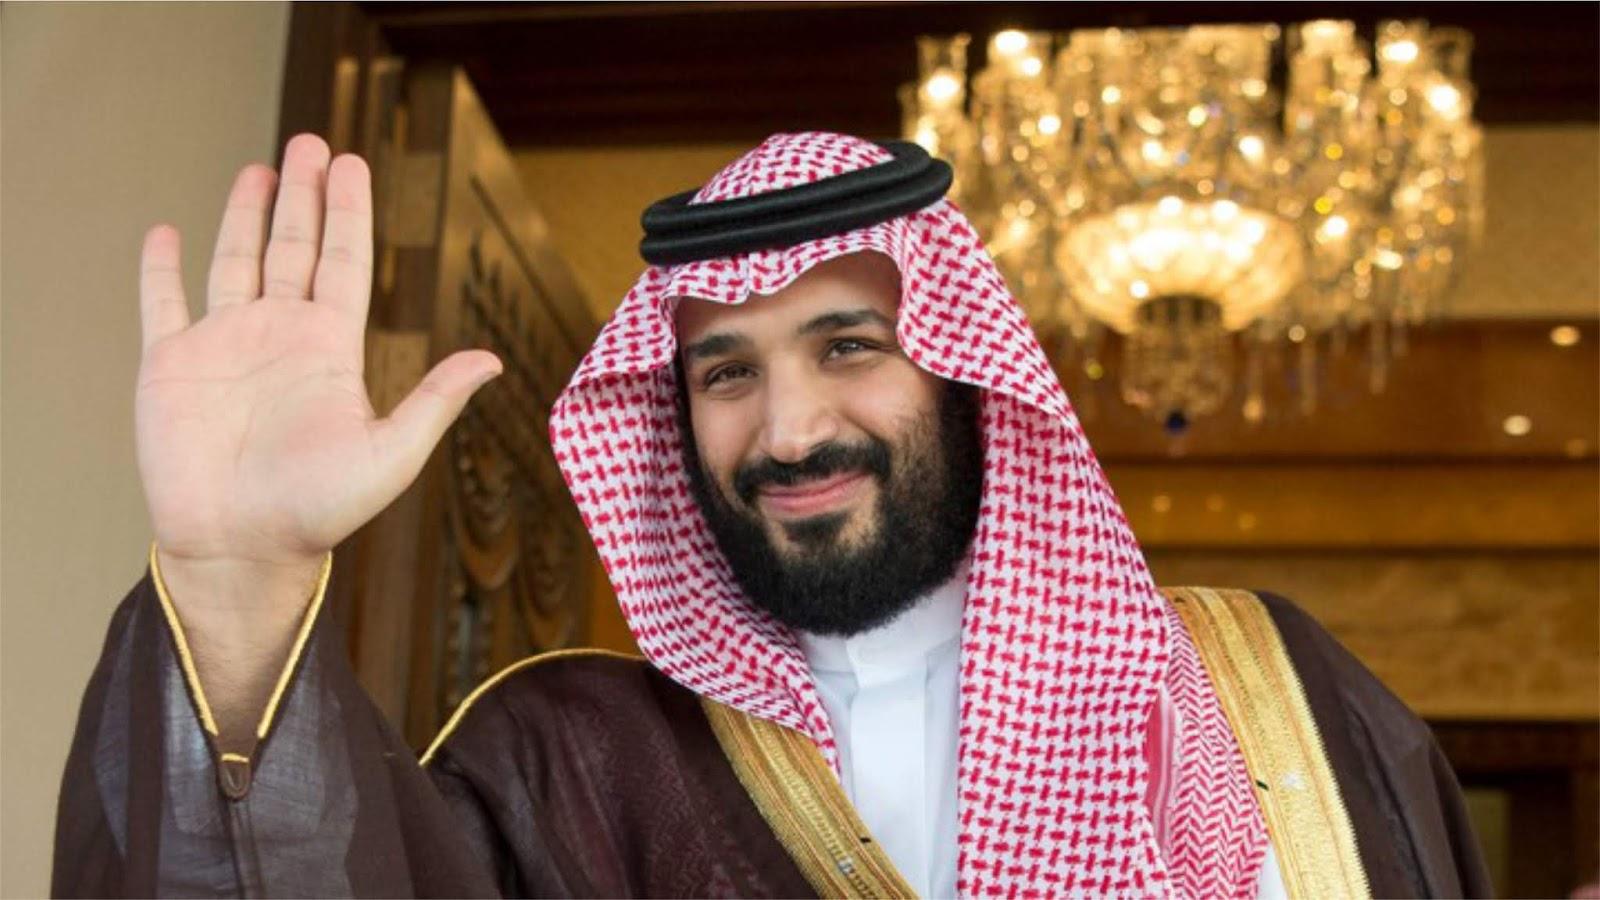 Pangeran Saudi ingin memancing Haskadzhi ke Arab Saudi untuk menahannya